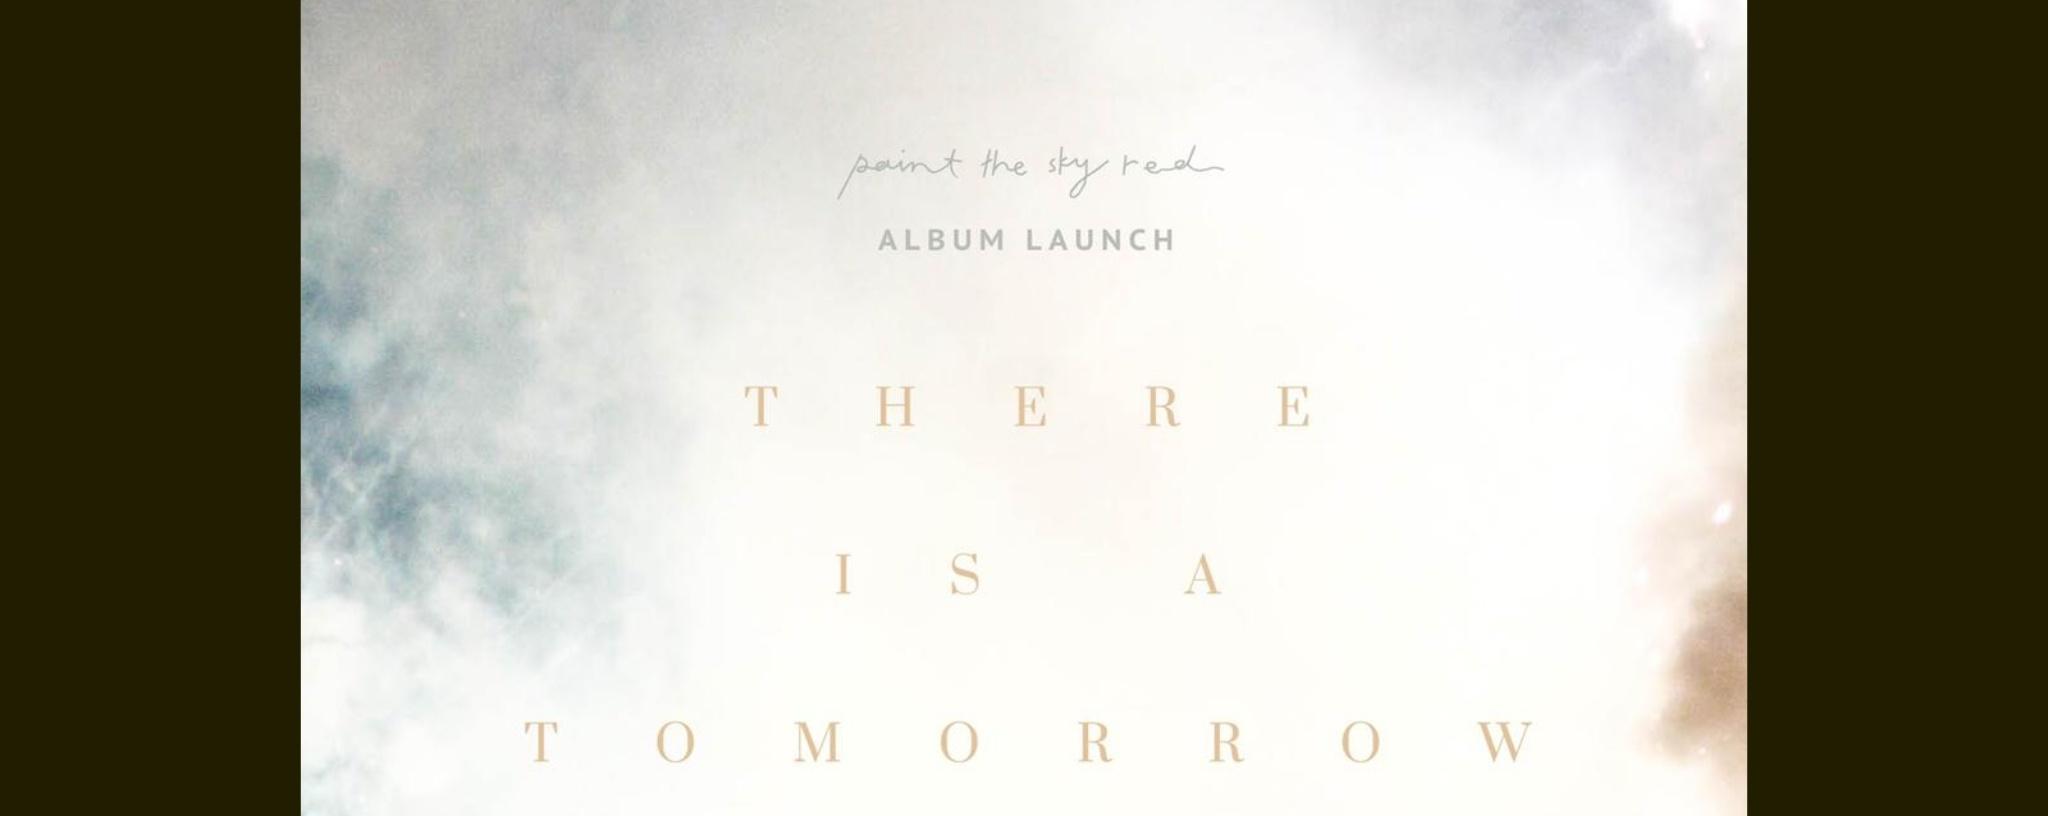 PTSR LP3 Album Launch